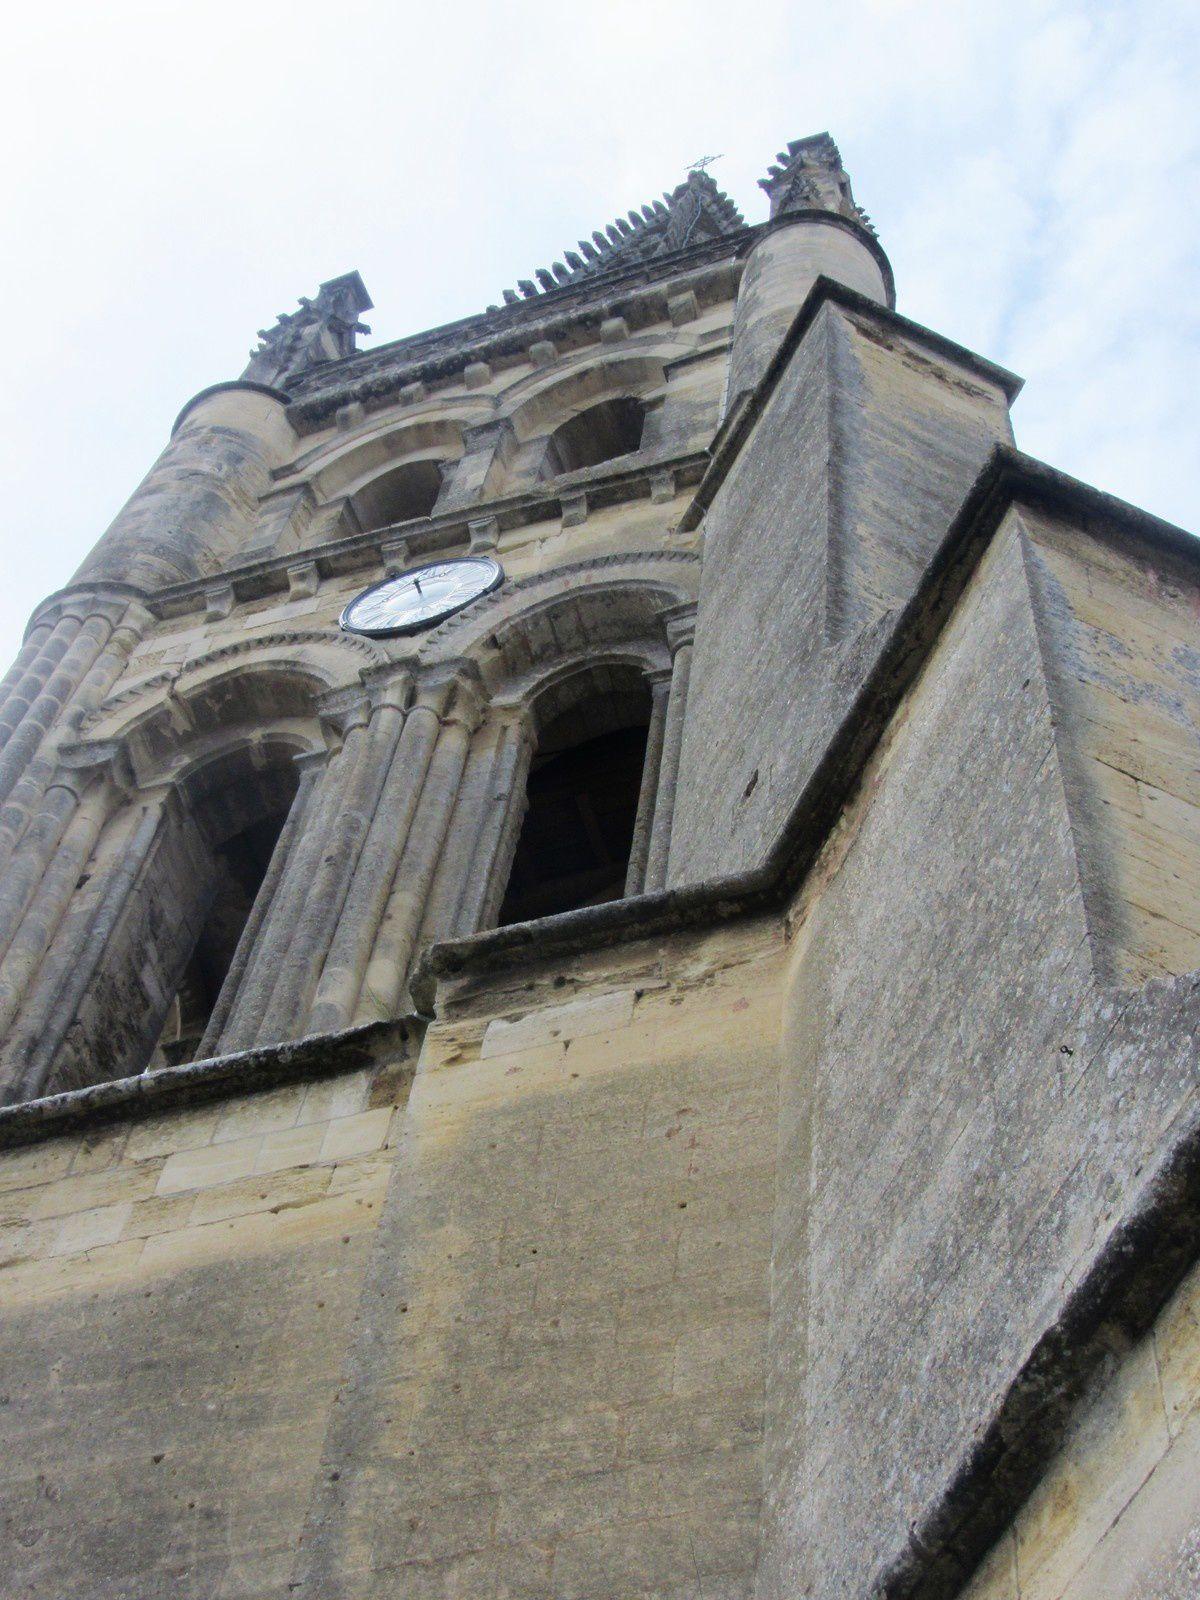 L'église monolithe de Saint-Émilion est une ancienne église du XIe siècle entièrement creusée dans la roche, Elle est la plus vaste église souterraine d'Europe.